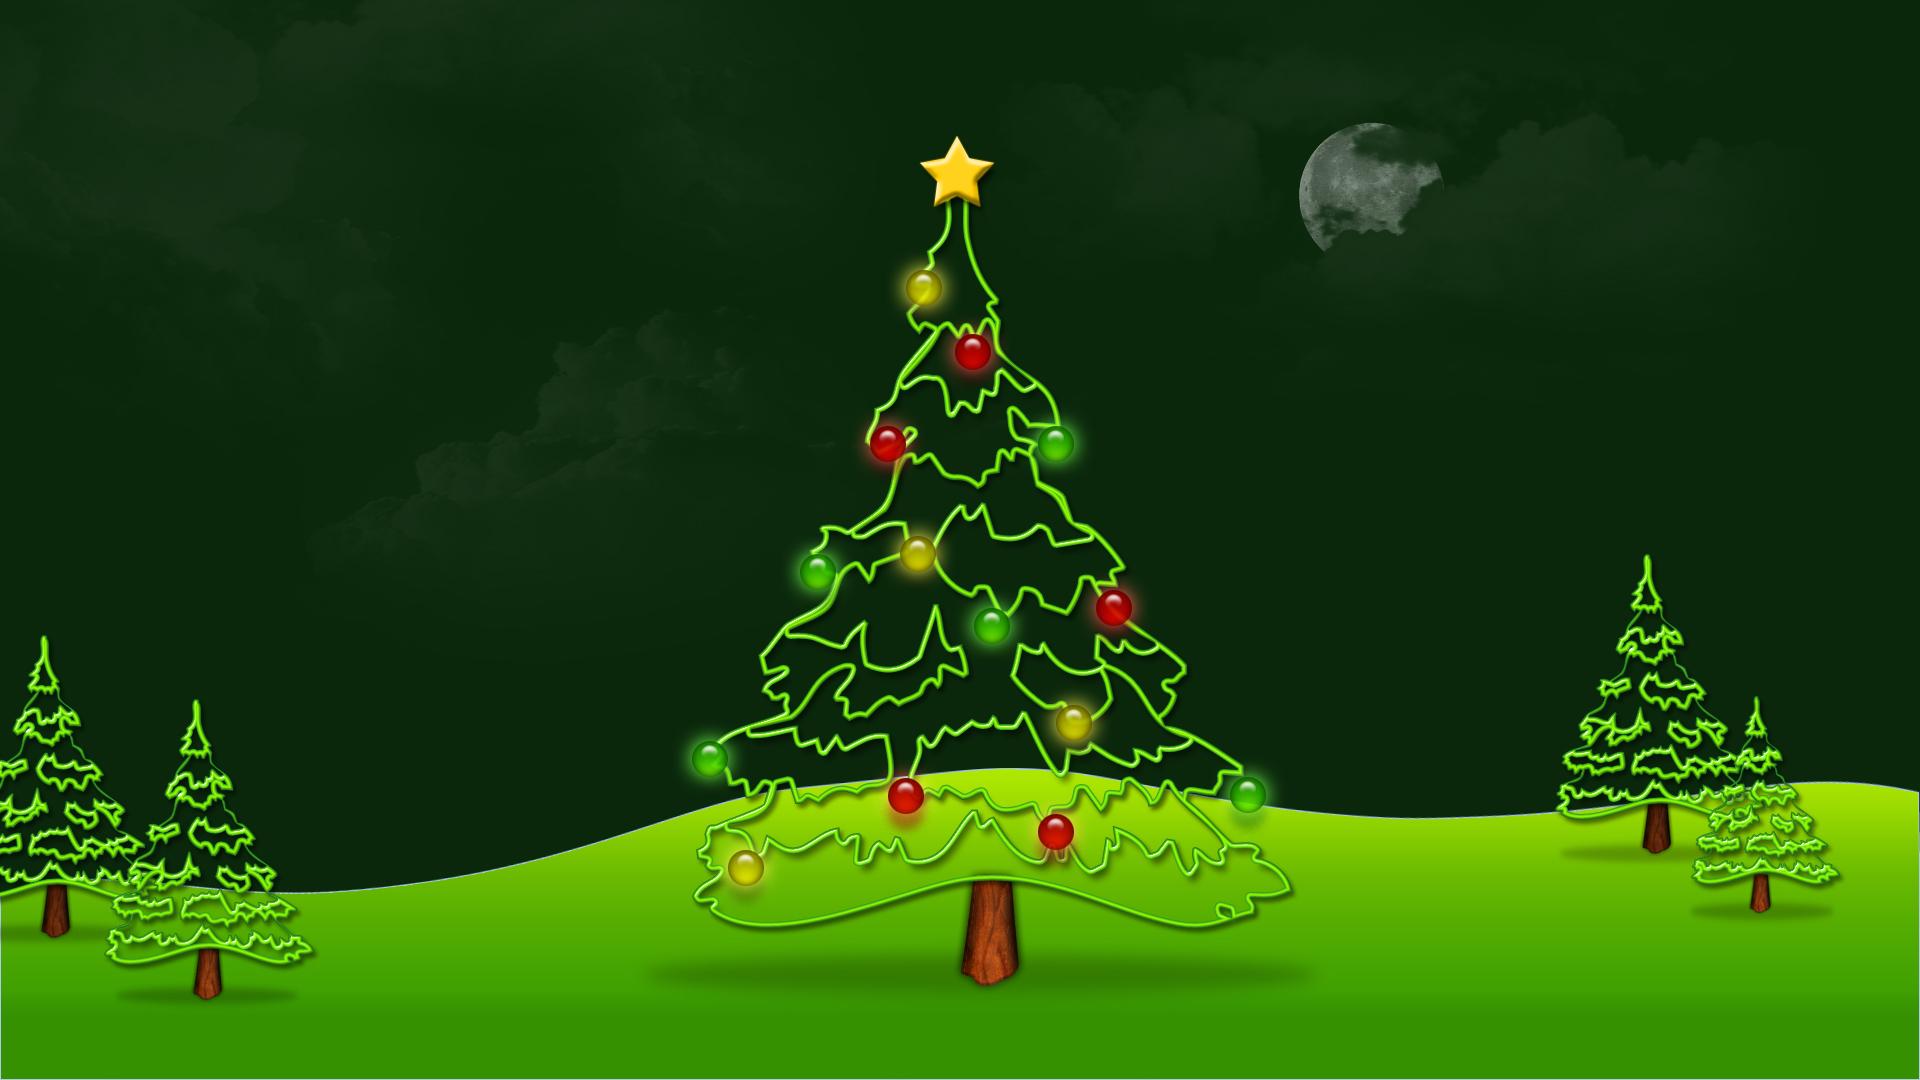 18 dtvyskzjxvj3xm desktop backgrounds christmas snow download filesize 1920x1080